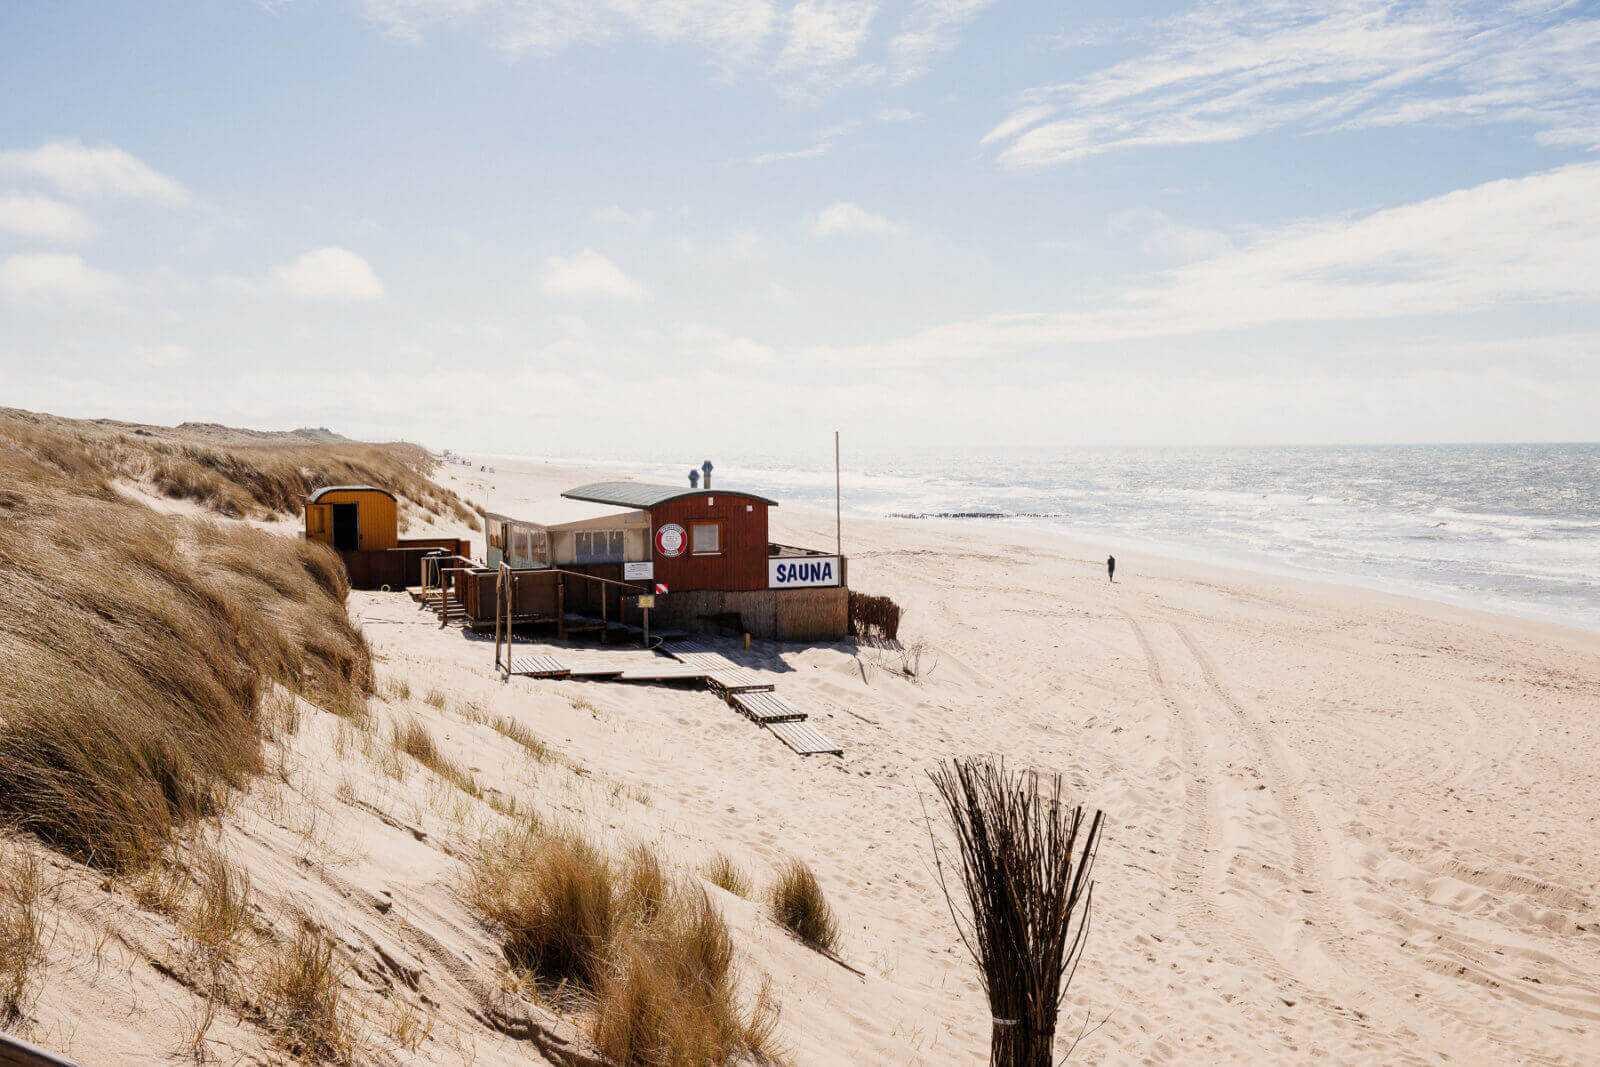 Sylt Sehenswürdigkeiten Rantum Strandsauna Sauna am Strand